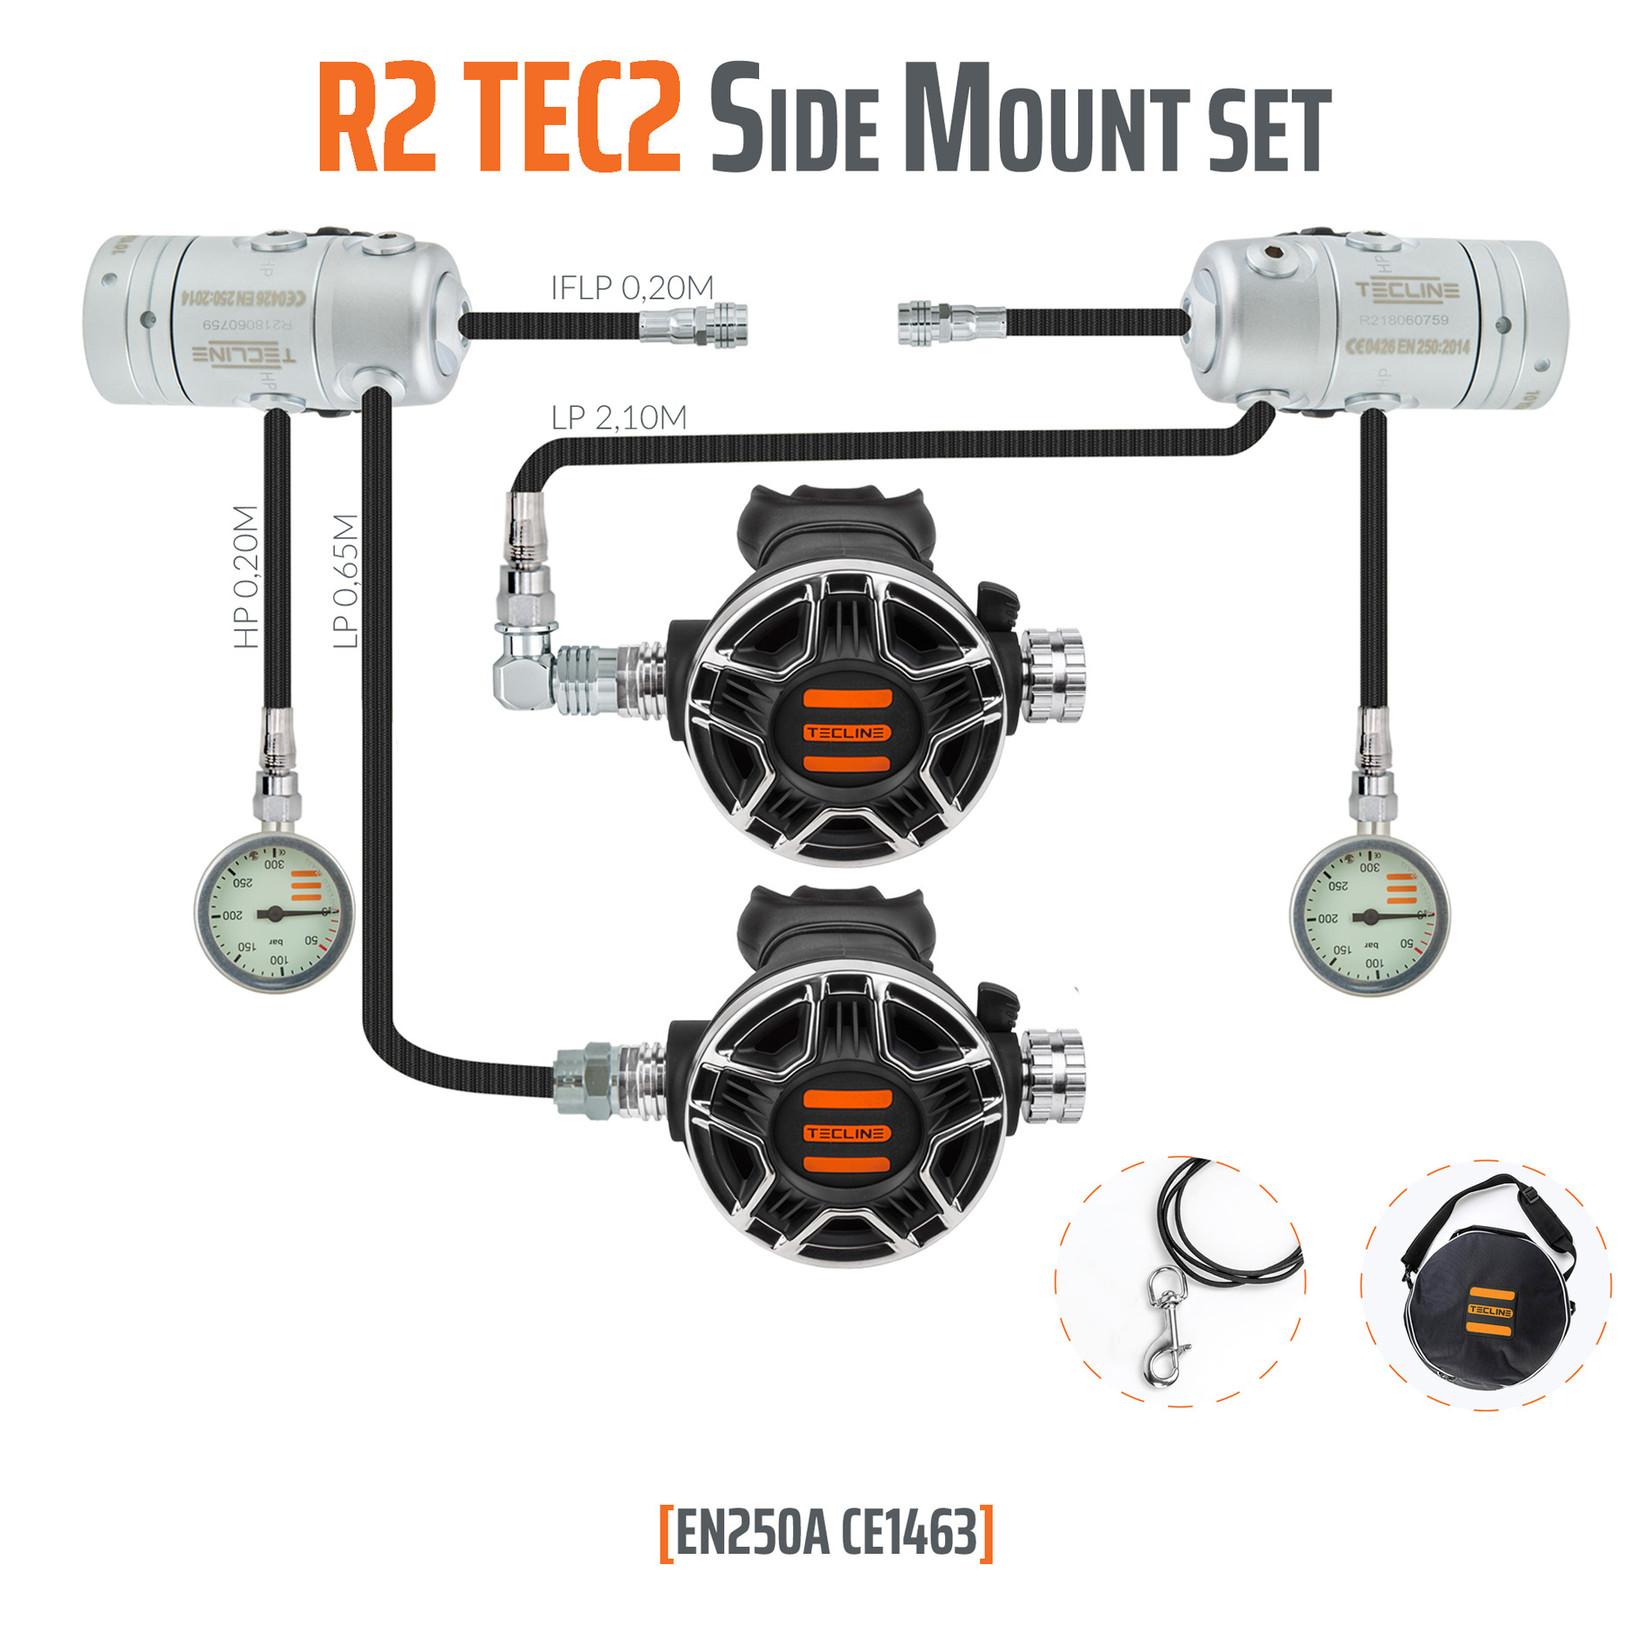 Tecline Regulator R2 TEC2 Side Mount set - EN250A